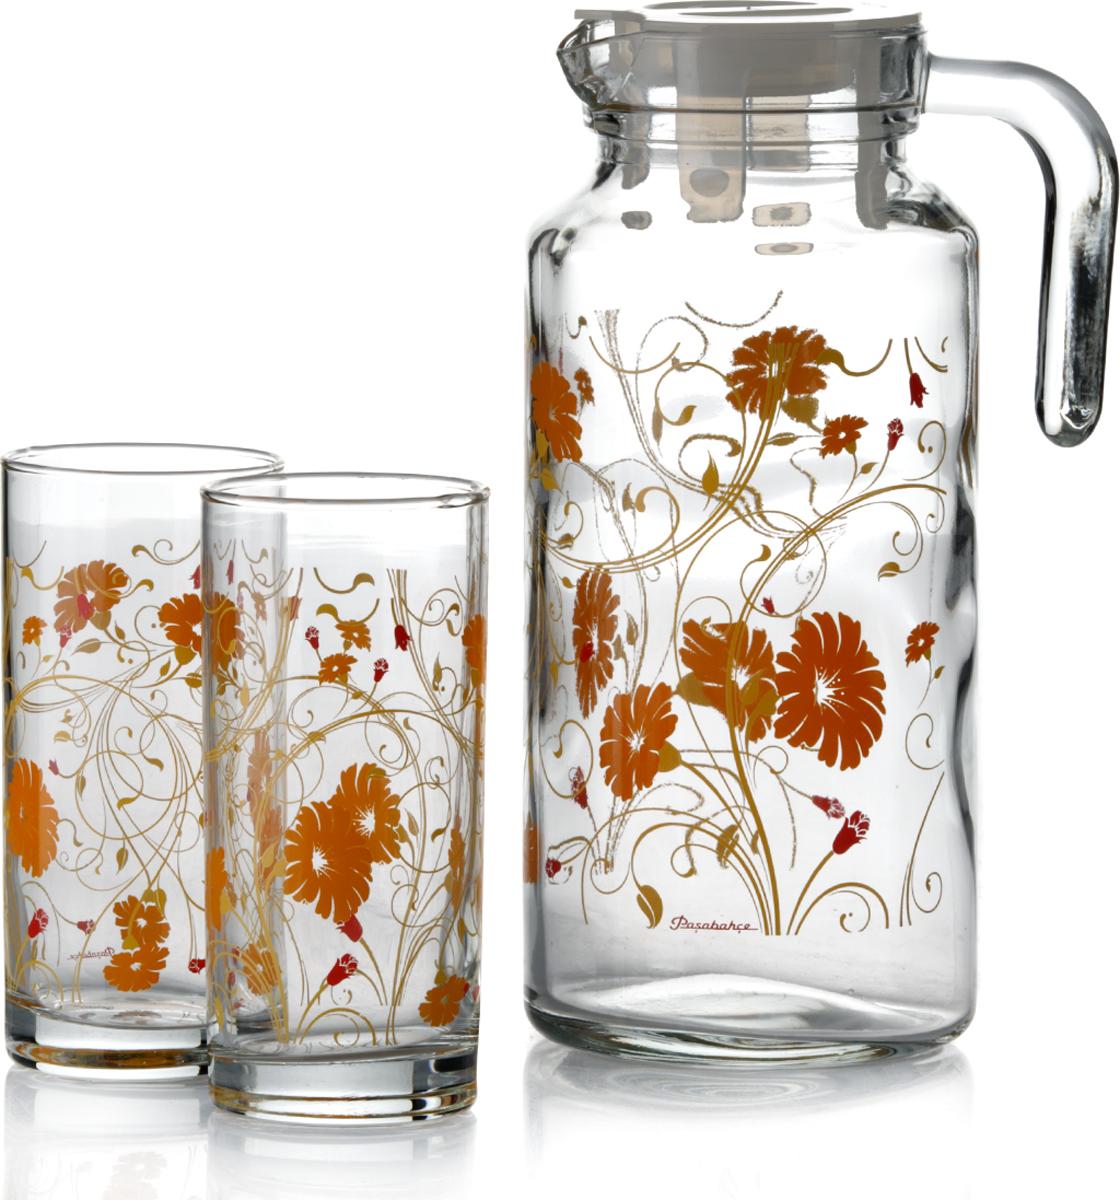 Набор питьевой Pasabahce Serenada, цвет: прозрачный, оранжевый, 5 предметов95895BD1Питьевой набор Pasabahce Serenada состоит из 4 стаканов и кувшина. Изделия выполнены из высококачественного прочного стекла и декорированыцветочным рисунком. Набор прекрасно подходит для сока, воды, лимонада и других напитков. Изделия устойчивы к повреждениям и истиранию, в процессе эксплуатации не впитывают запахии сохраняют первоначальные краски. Можно мыть в посудомоечной машине.Объем кувшина: 1,3 л.Высота кувшина; 25 см. Объем стакана: 300 мл.Высота стакана: 13 см.